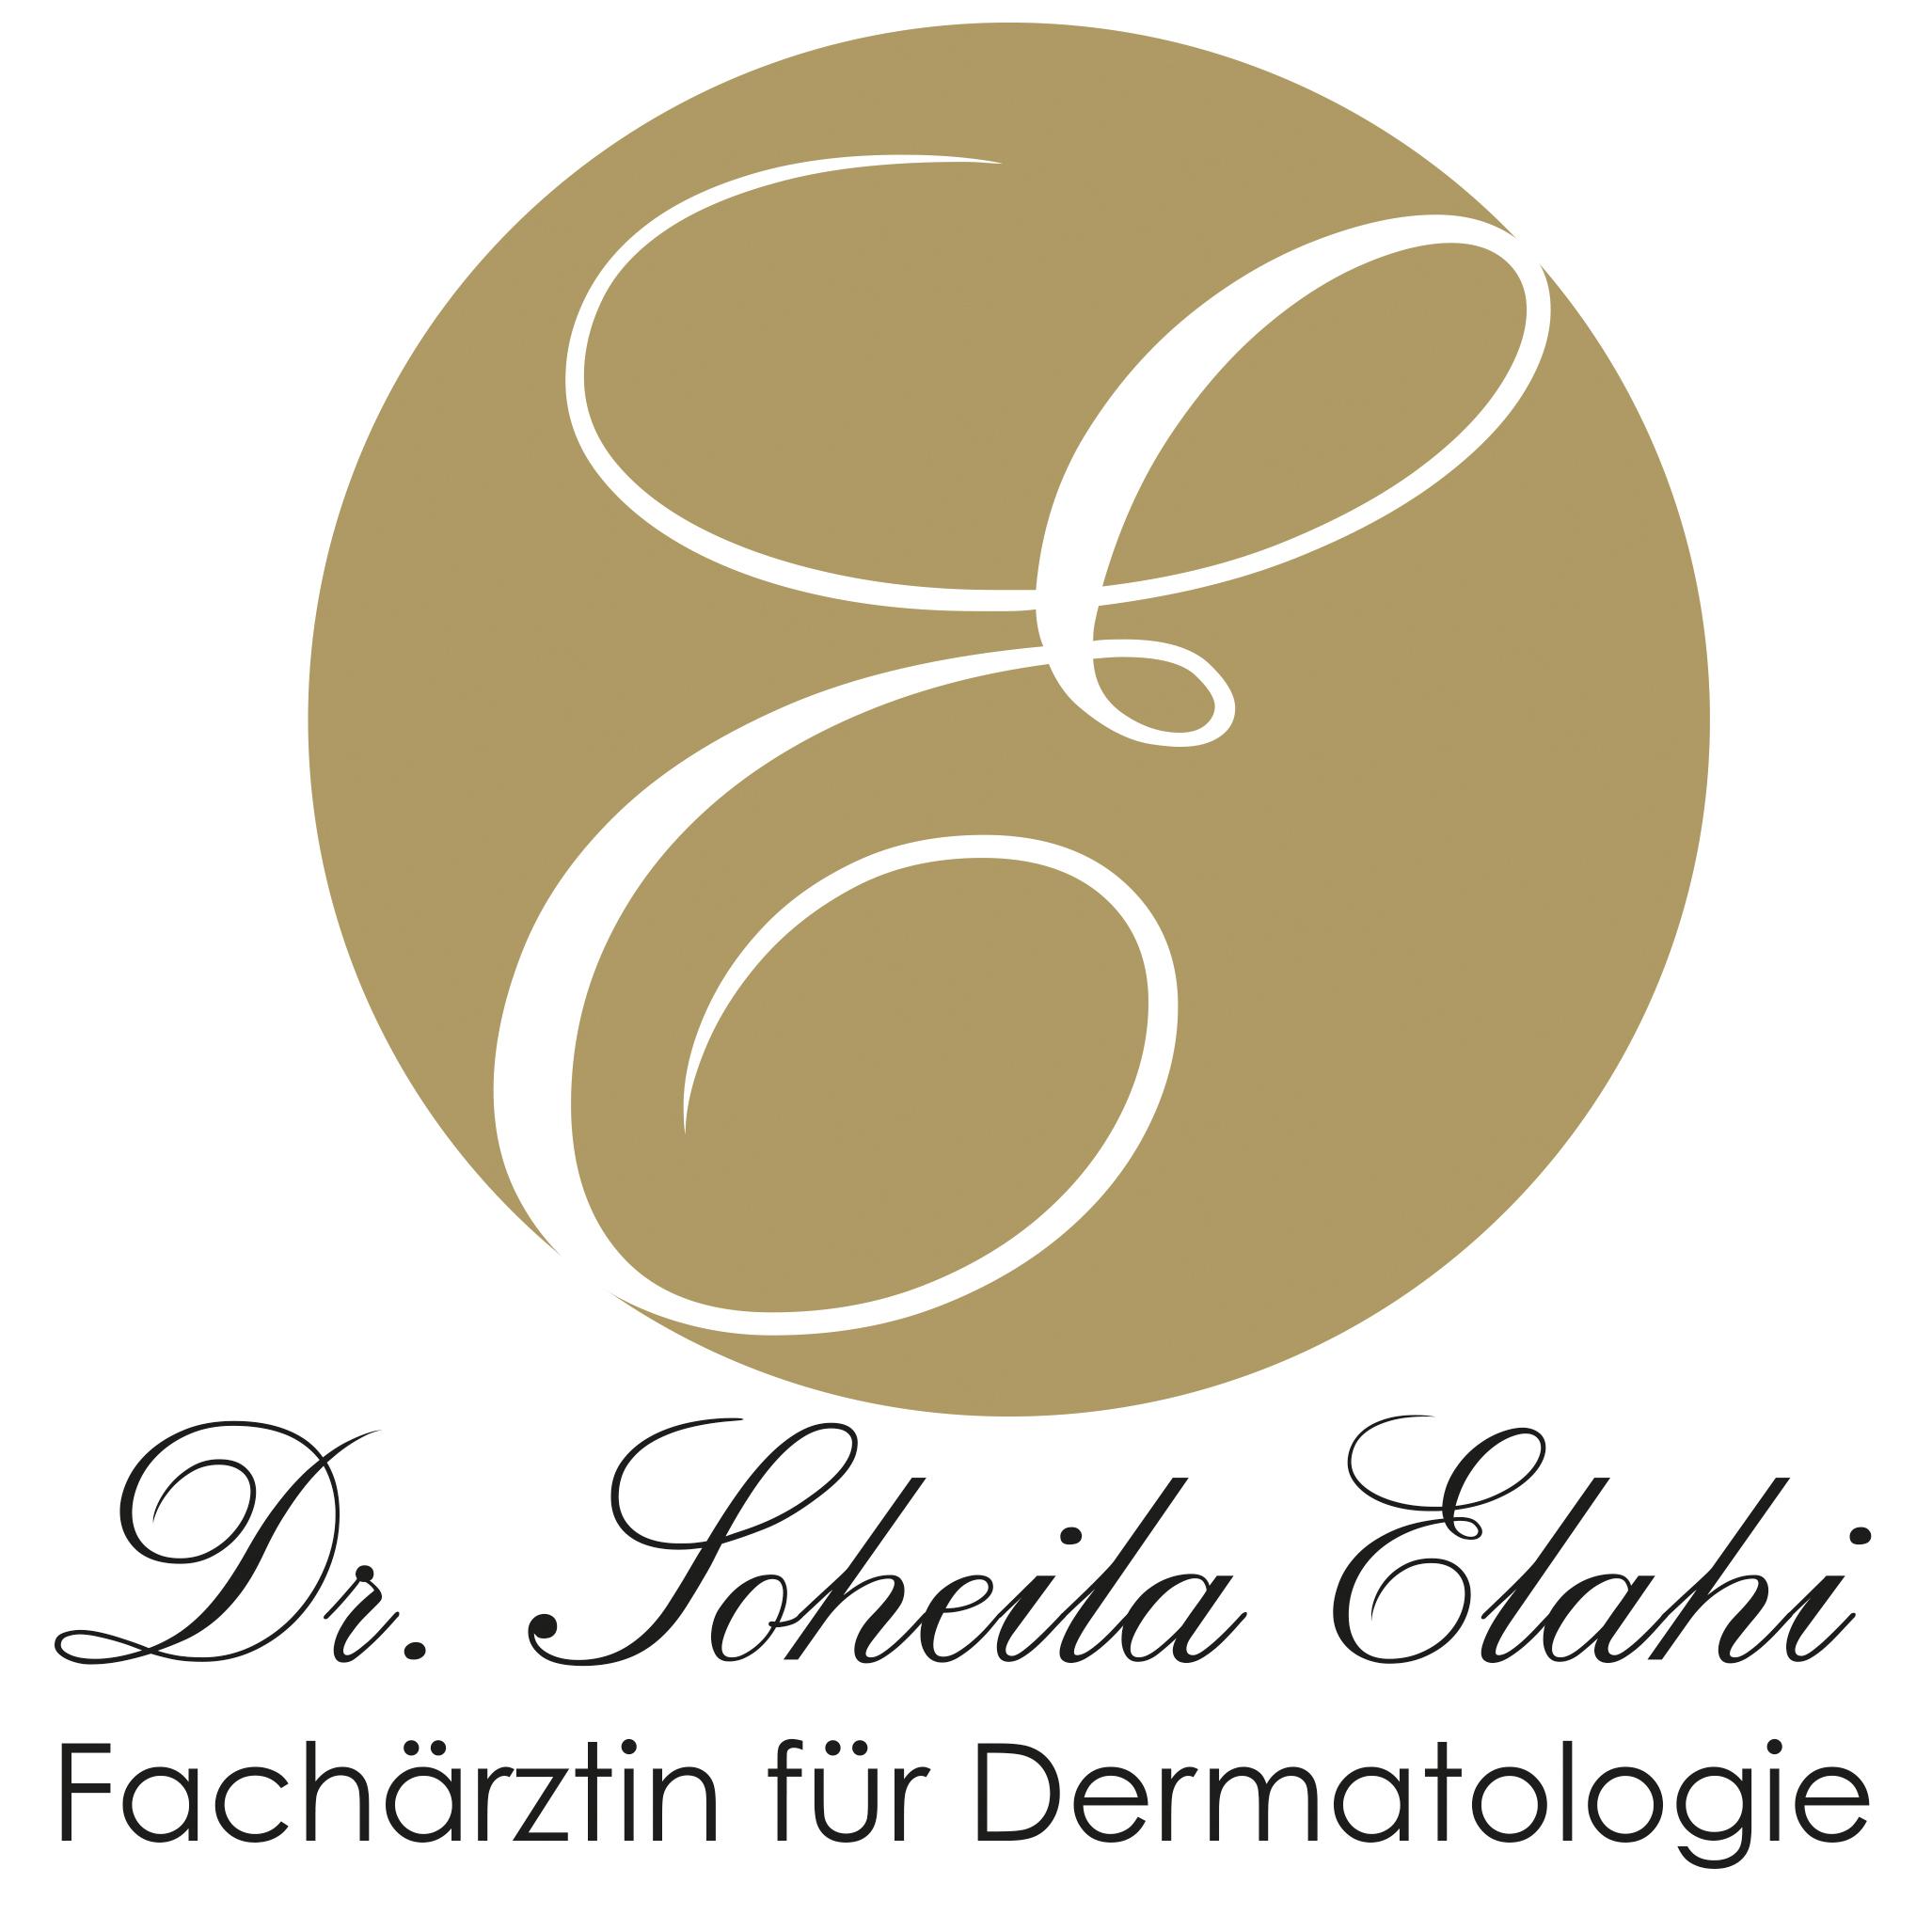 Dermatologie. Lasermedizin. Hautarzt.